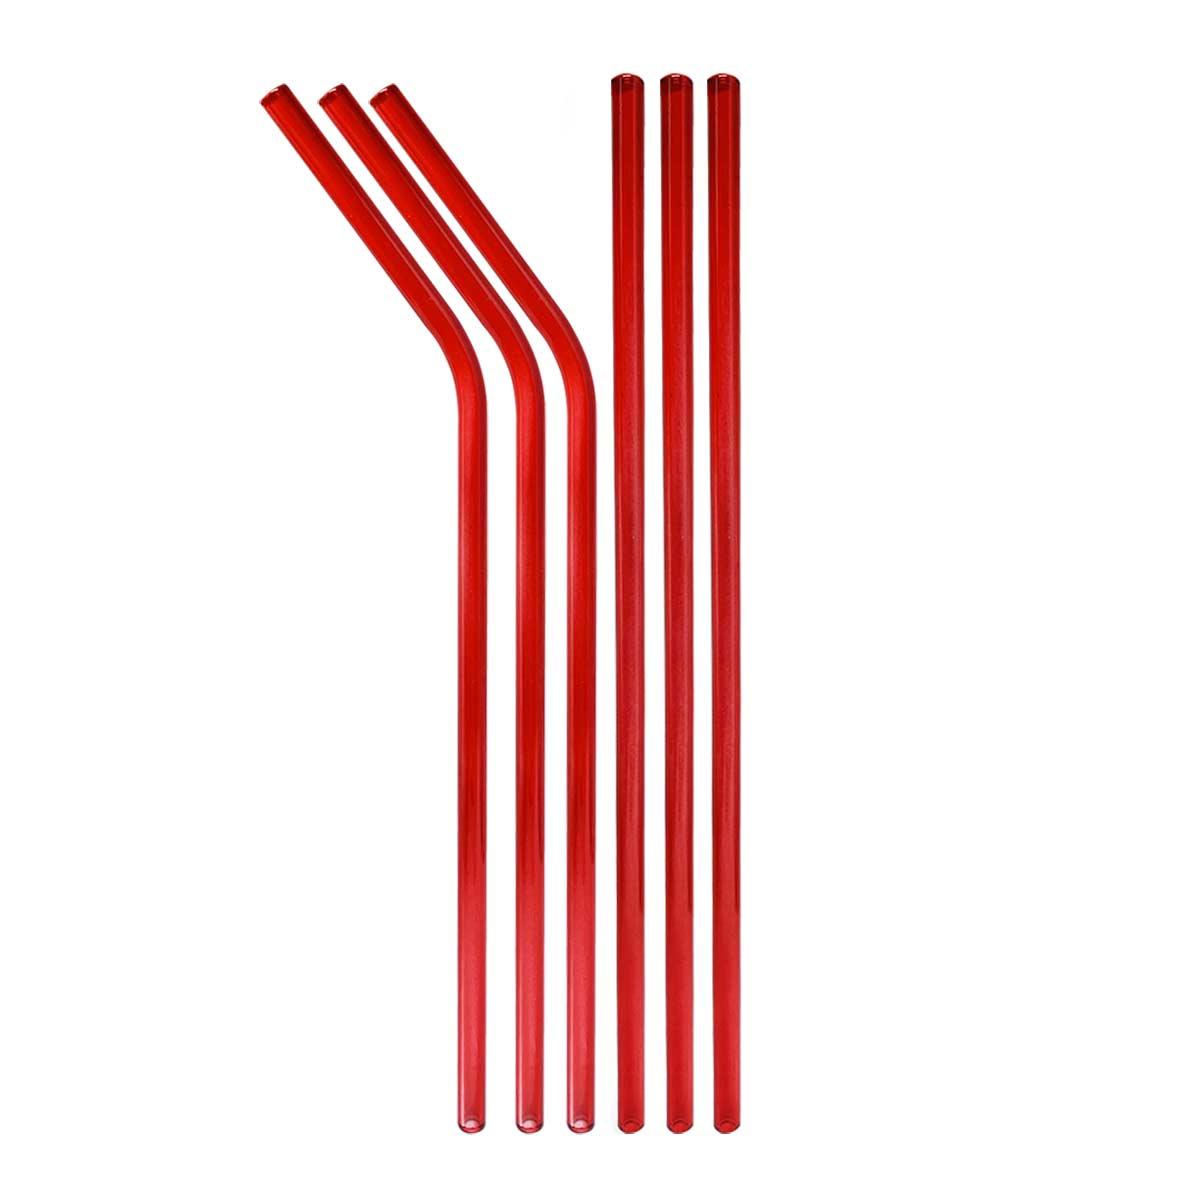 Kit Garrafa de Silicone Retrátil + Kit Canudos de Vidro Coloridos + Mochila